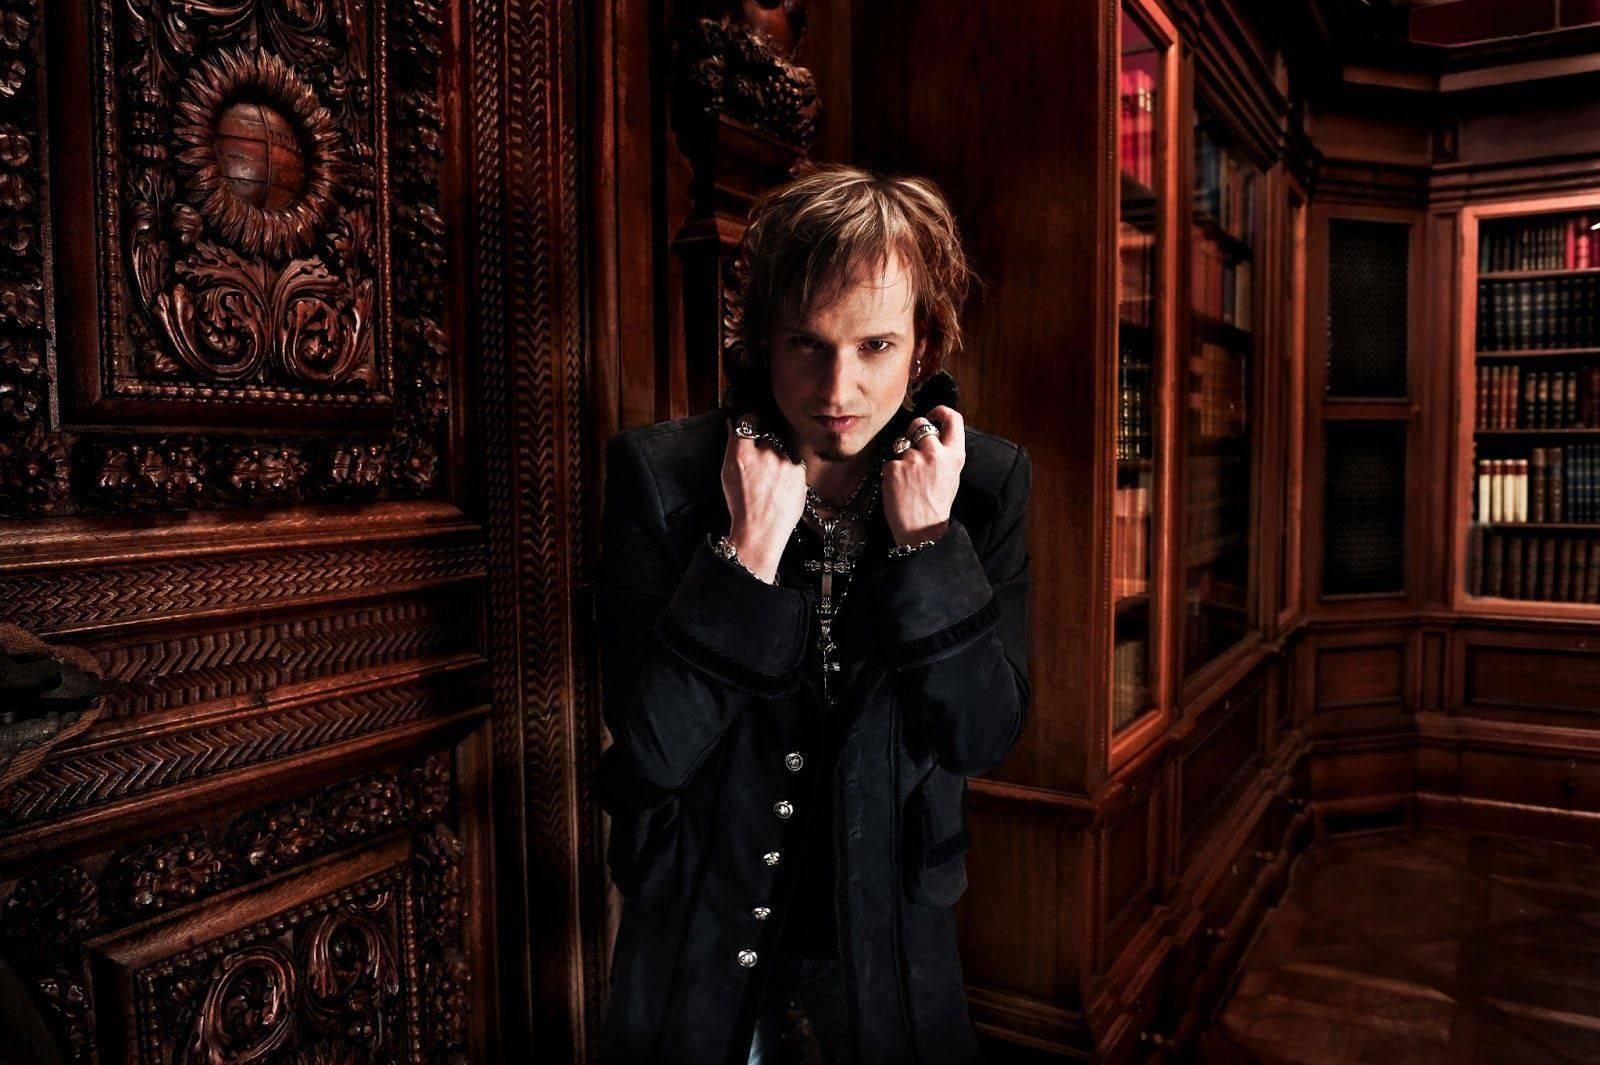 Тобиас Заммет из Avantasia: «Я чувствовал себя чудовищем Франкенштейна» 5